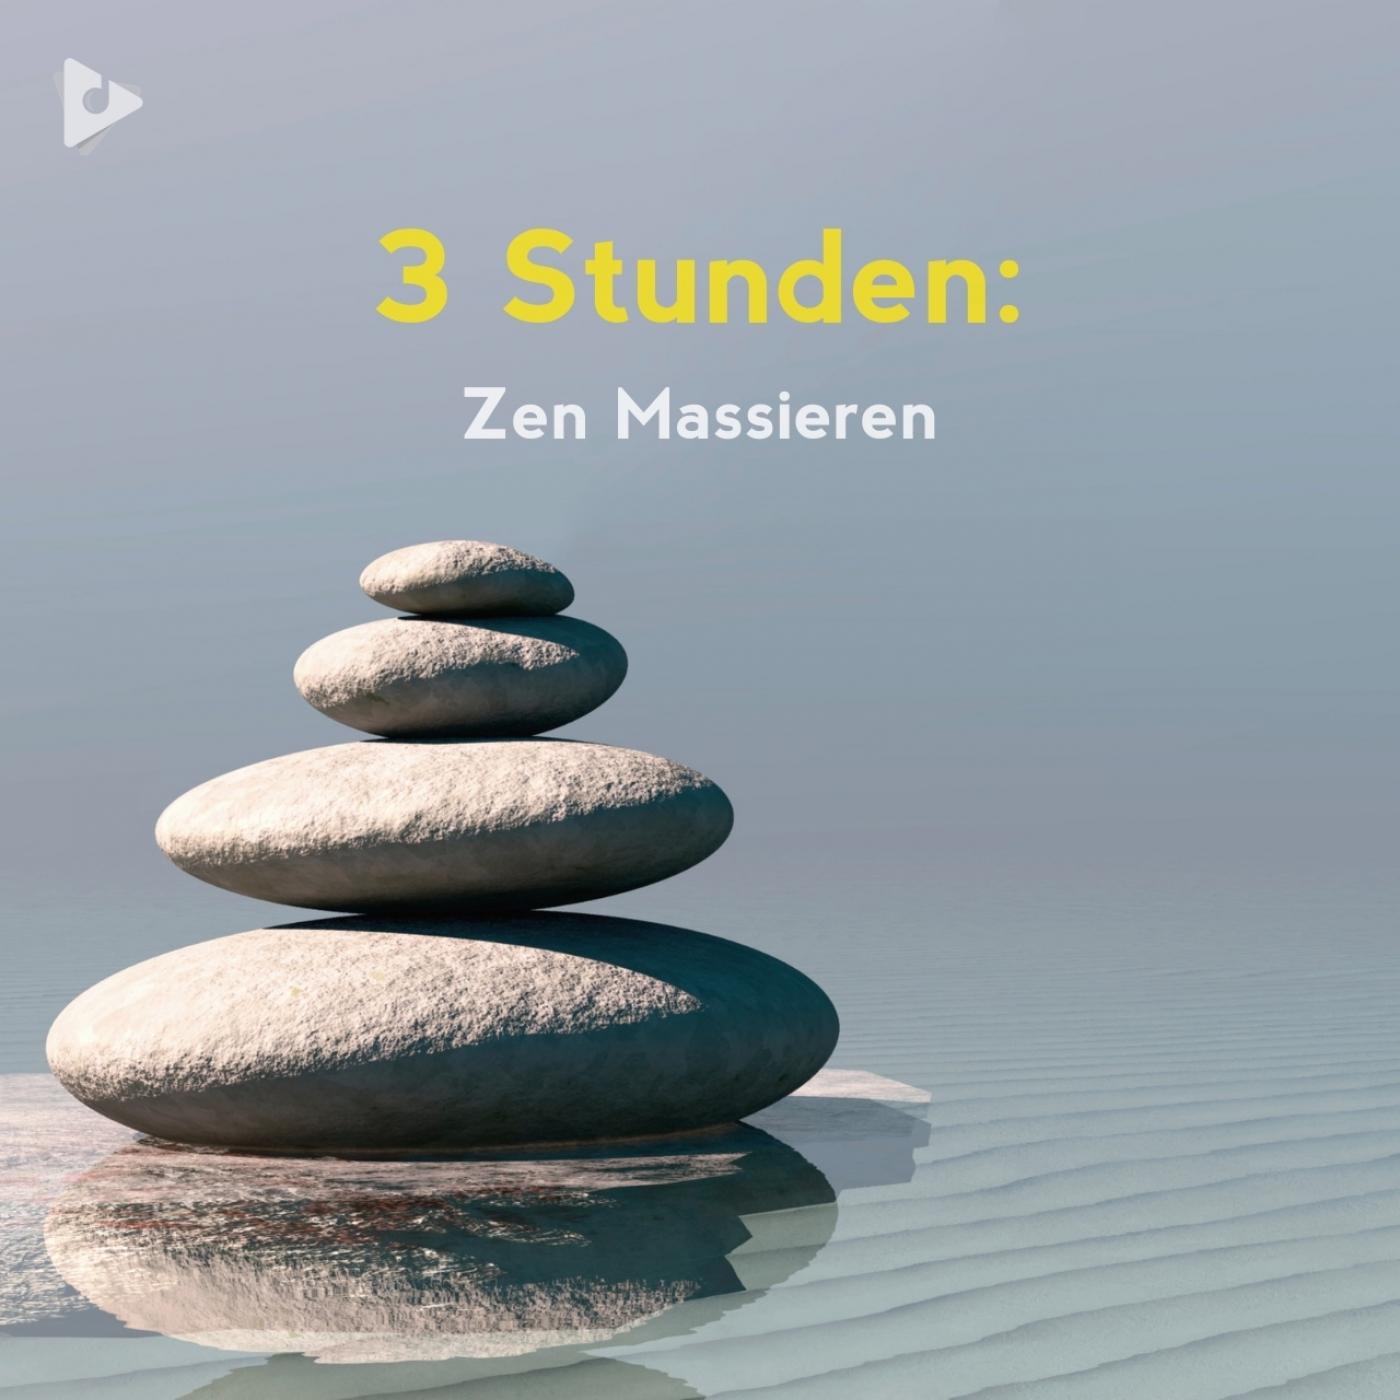 3 Stunden: Zen Massieren